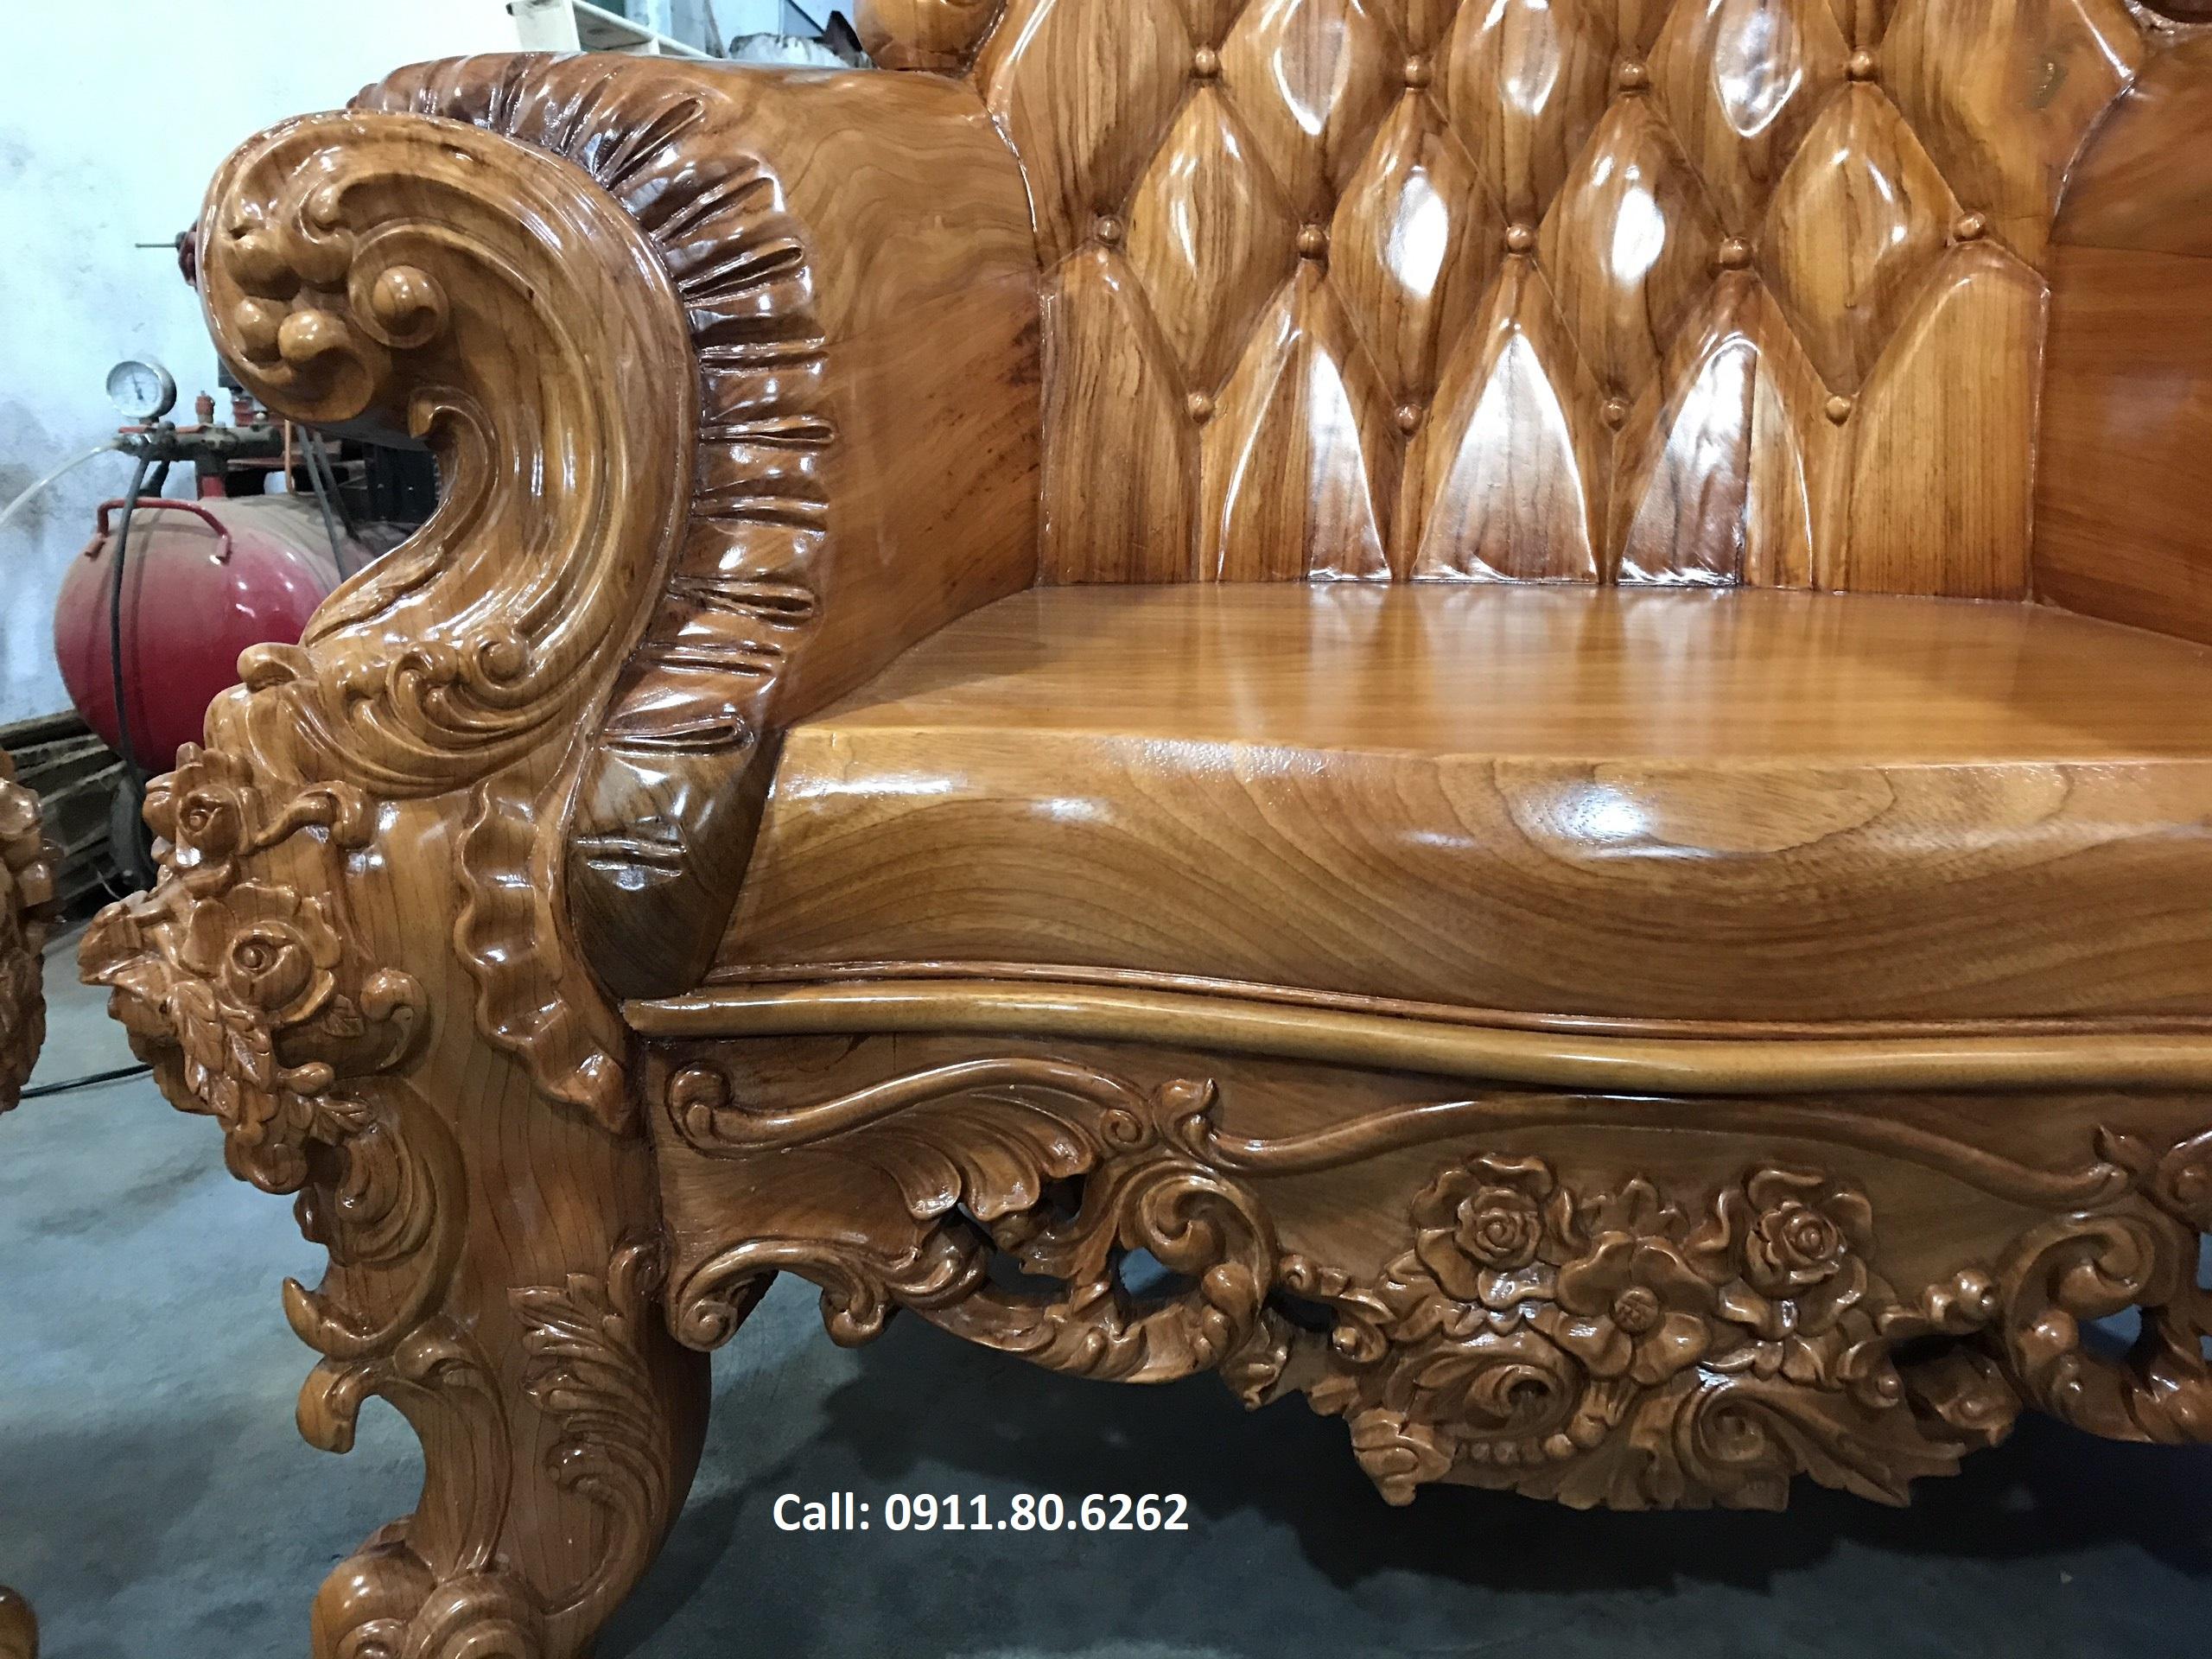 Sofa louis hoang gia 16 - Sofa Louis Hoàng Gia MS: 64